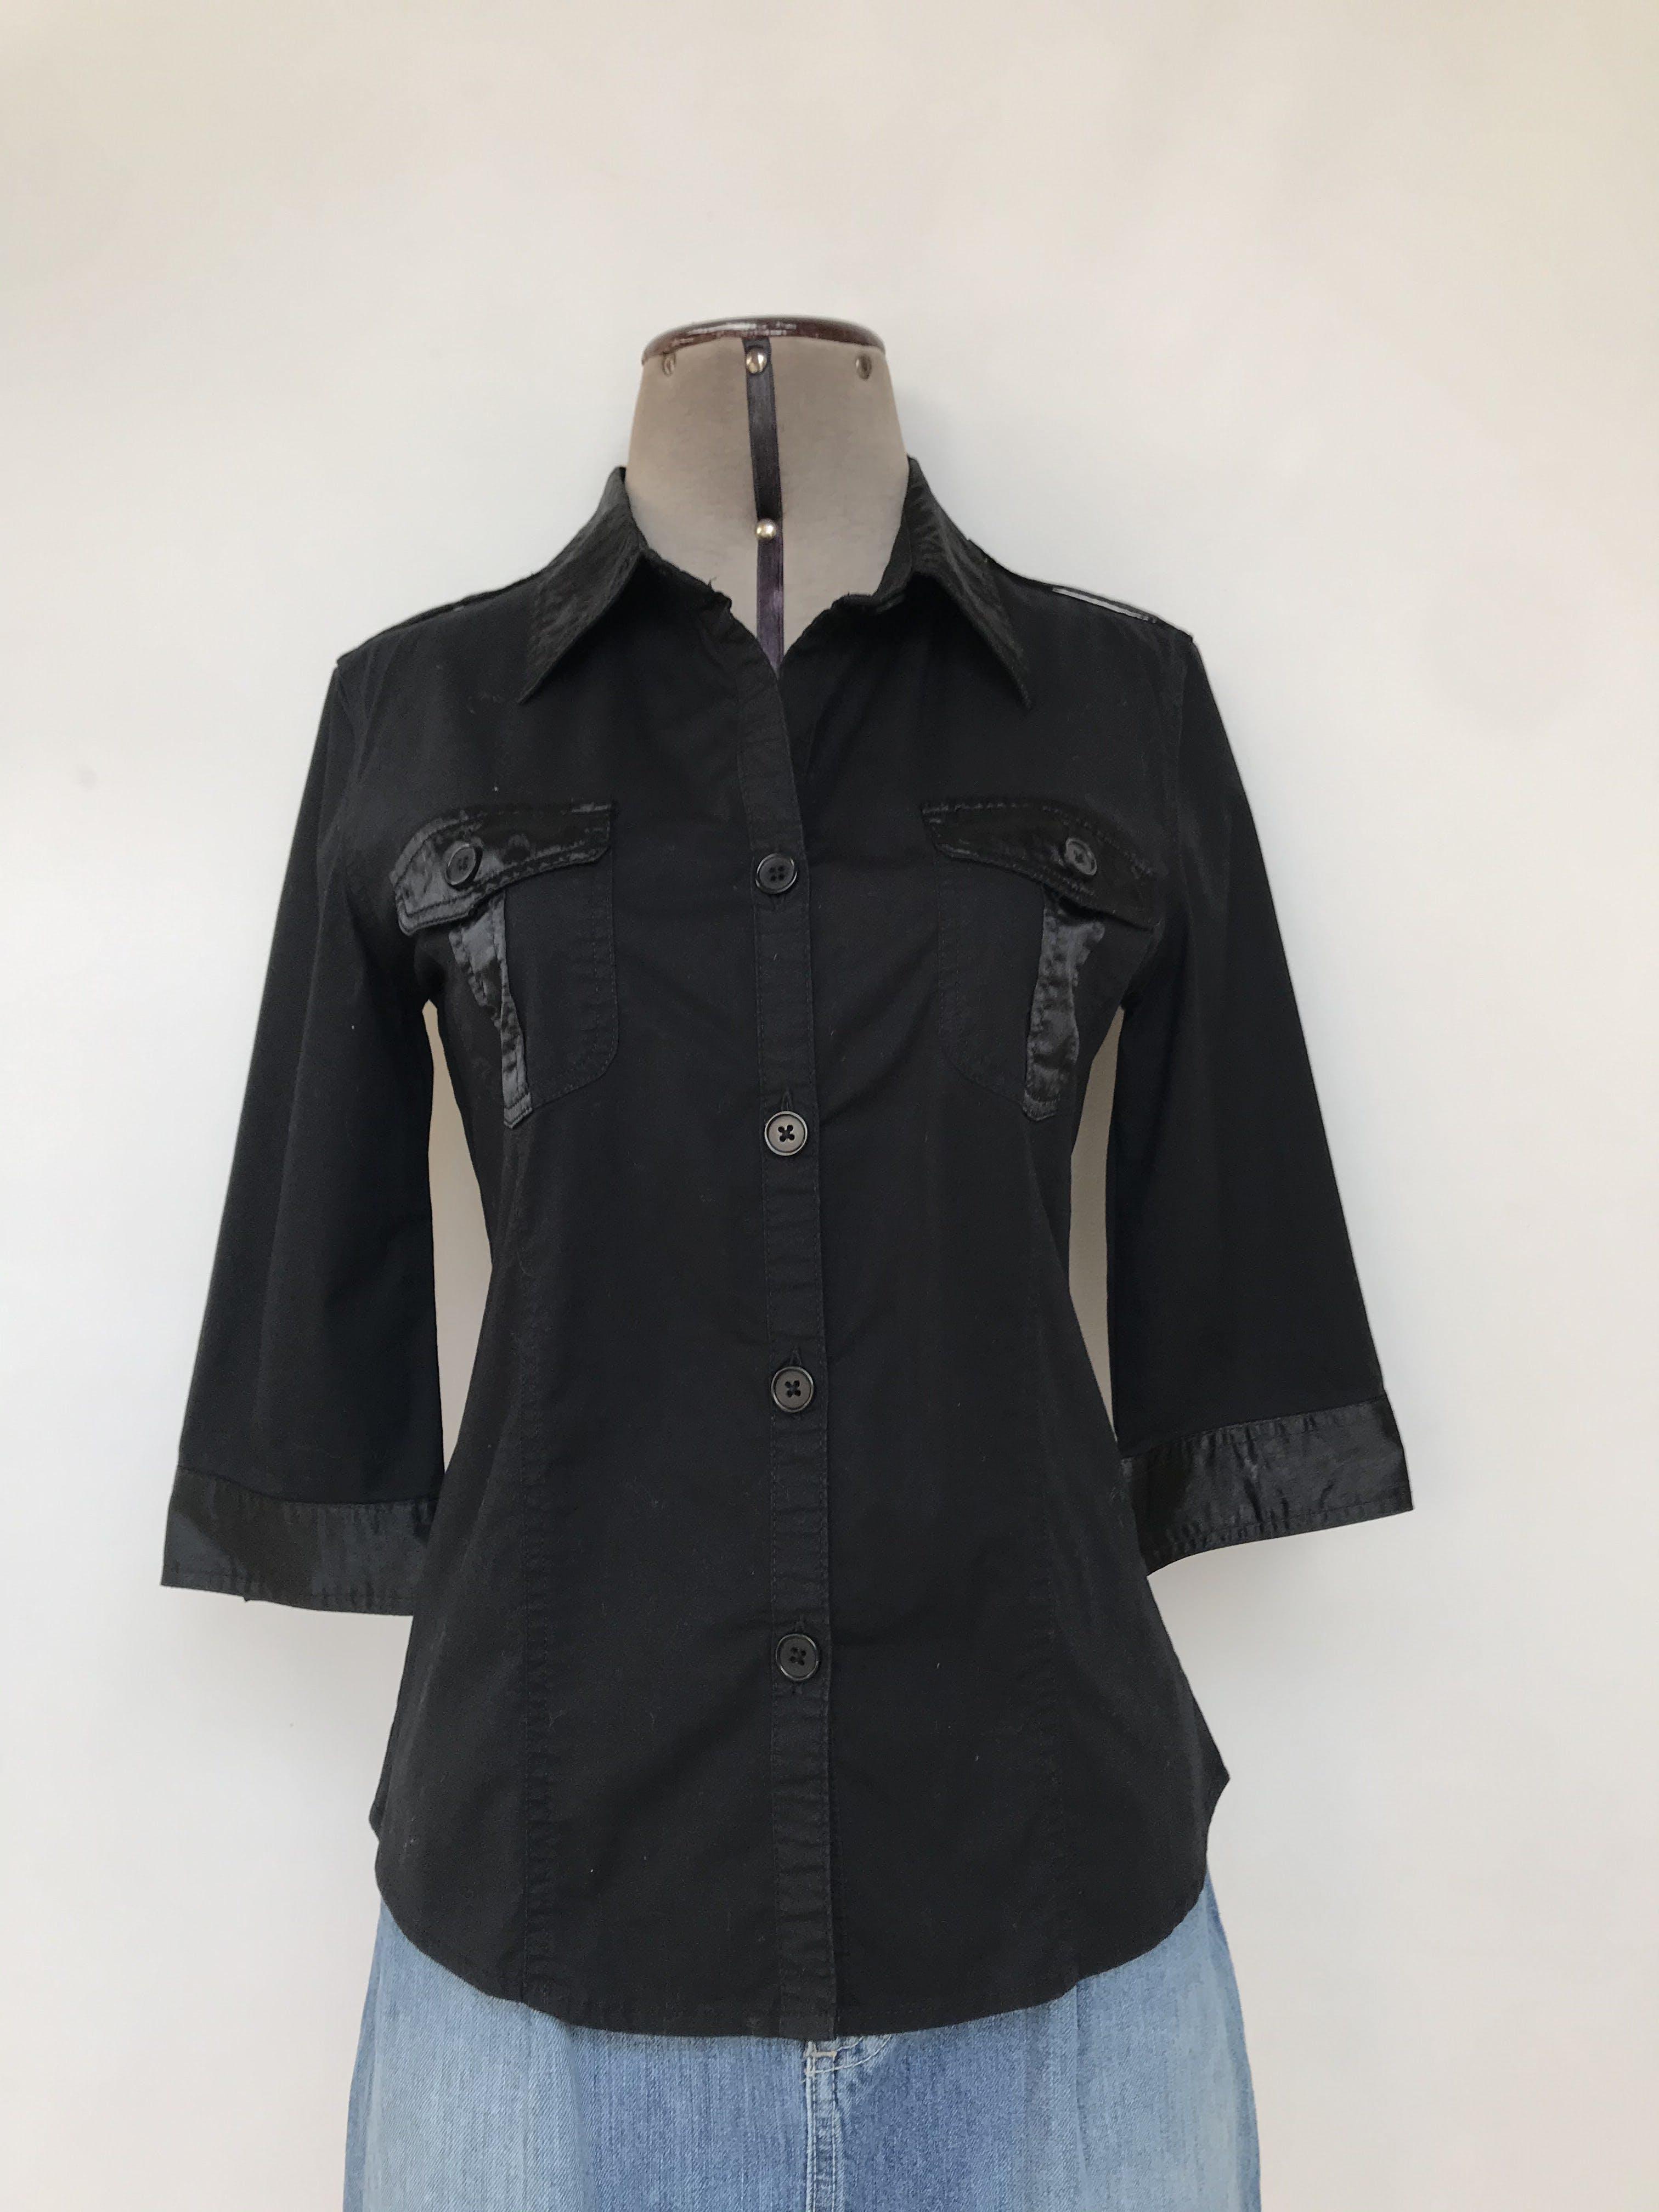 Blusa 96% algodón negro con aplicaciones de tela satinada, cuello camisero, manga 3/4 bolsillos parche en el pecho y botones al tono.Talla S